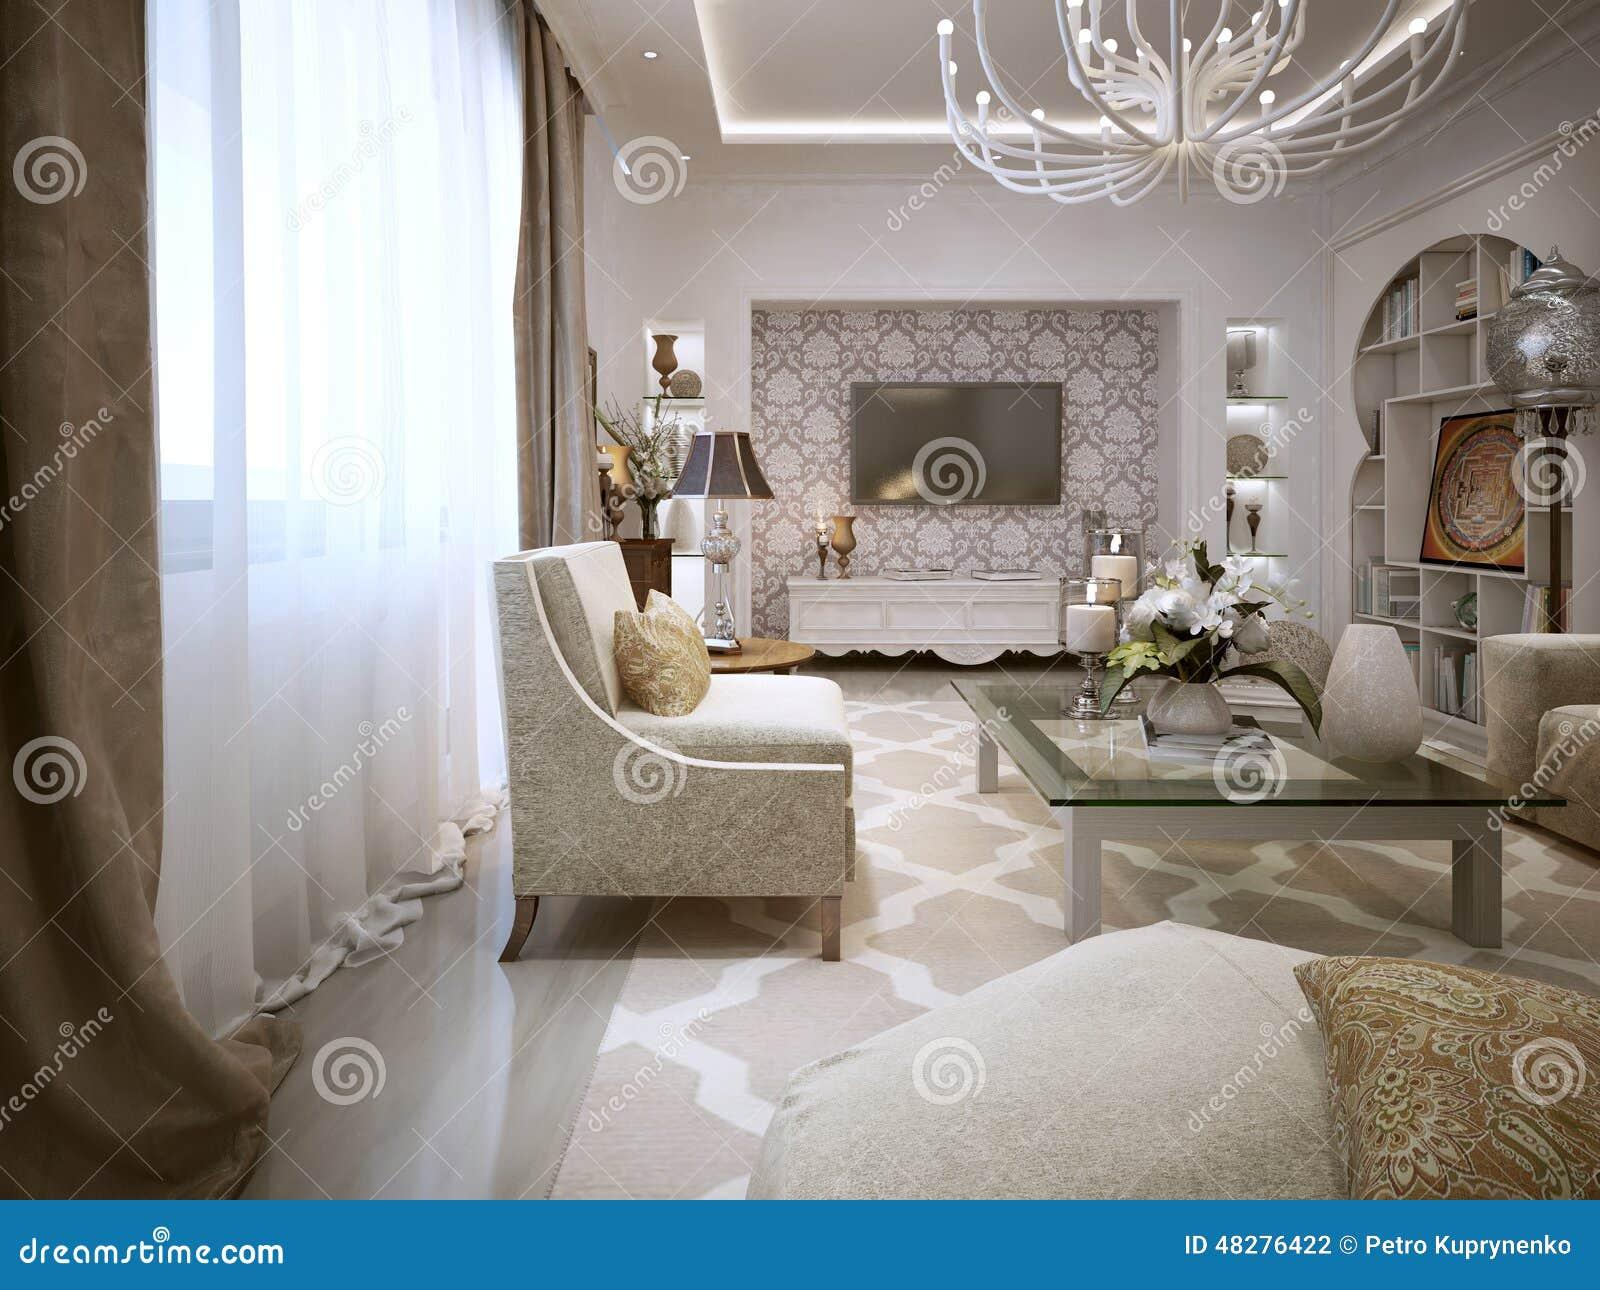 Woonkamer arabische stijl stock illustratie afbeelding 48276422 - Woonkamer deco ...